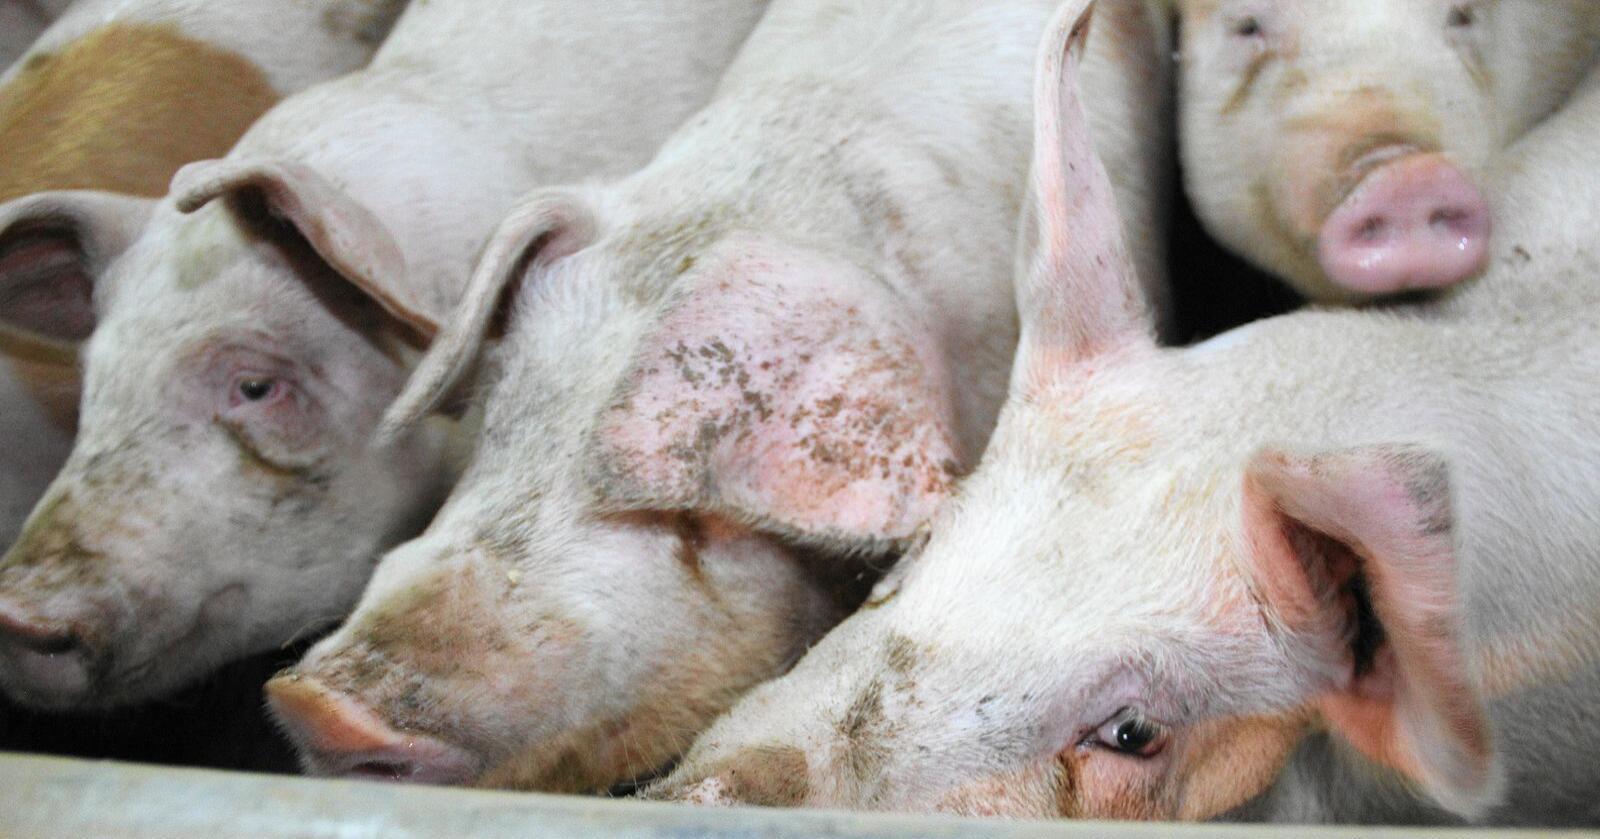 Griser som får påvist smitte av den antibiotikaresistente bakterien LA-MRSA må slaktes og grisehuset saneres. Foto: Ingjerd Sørlie Yri